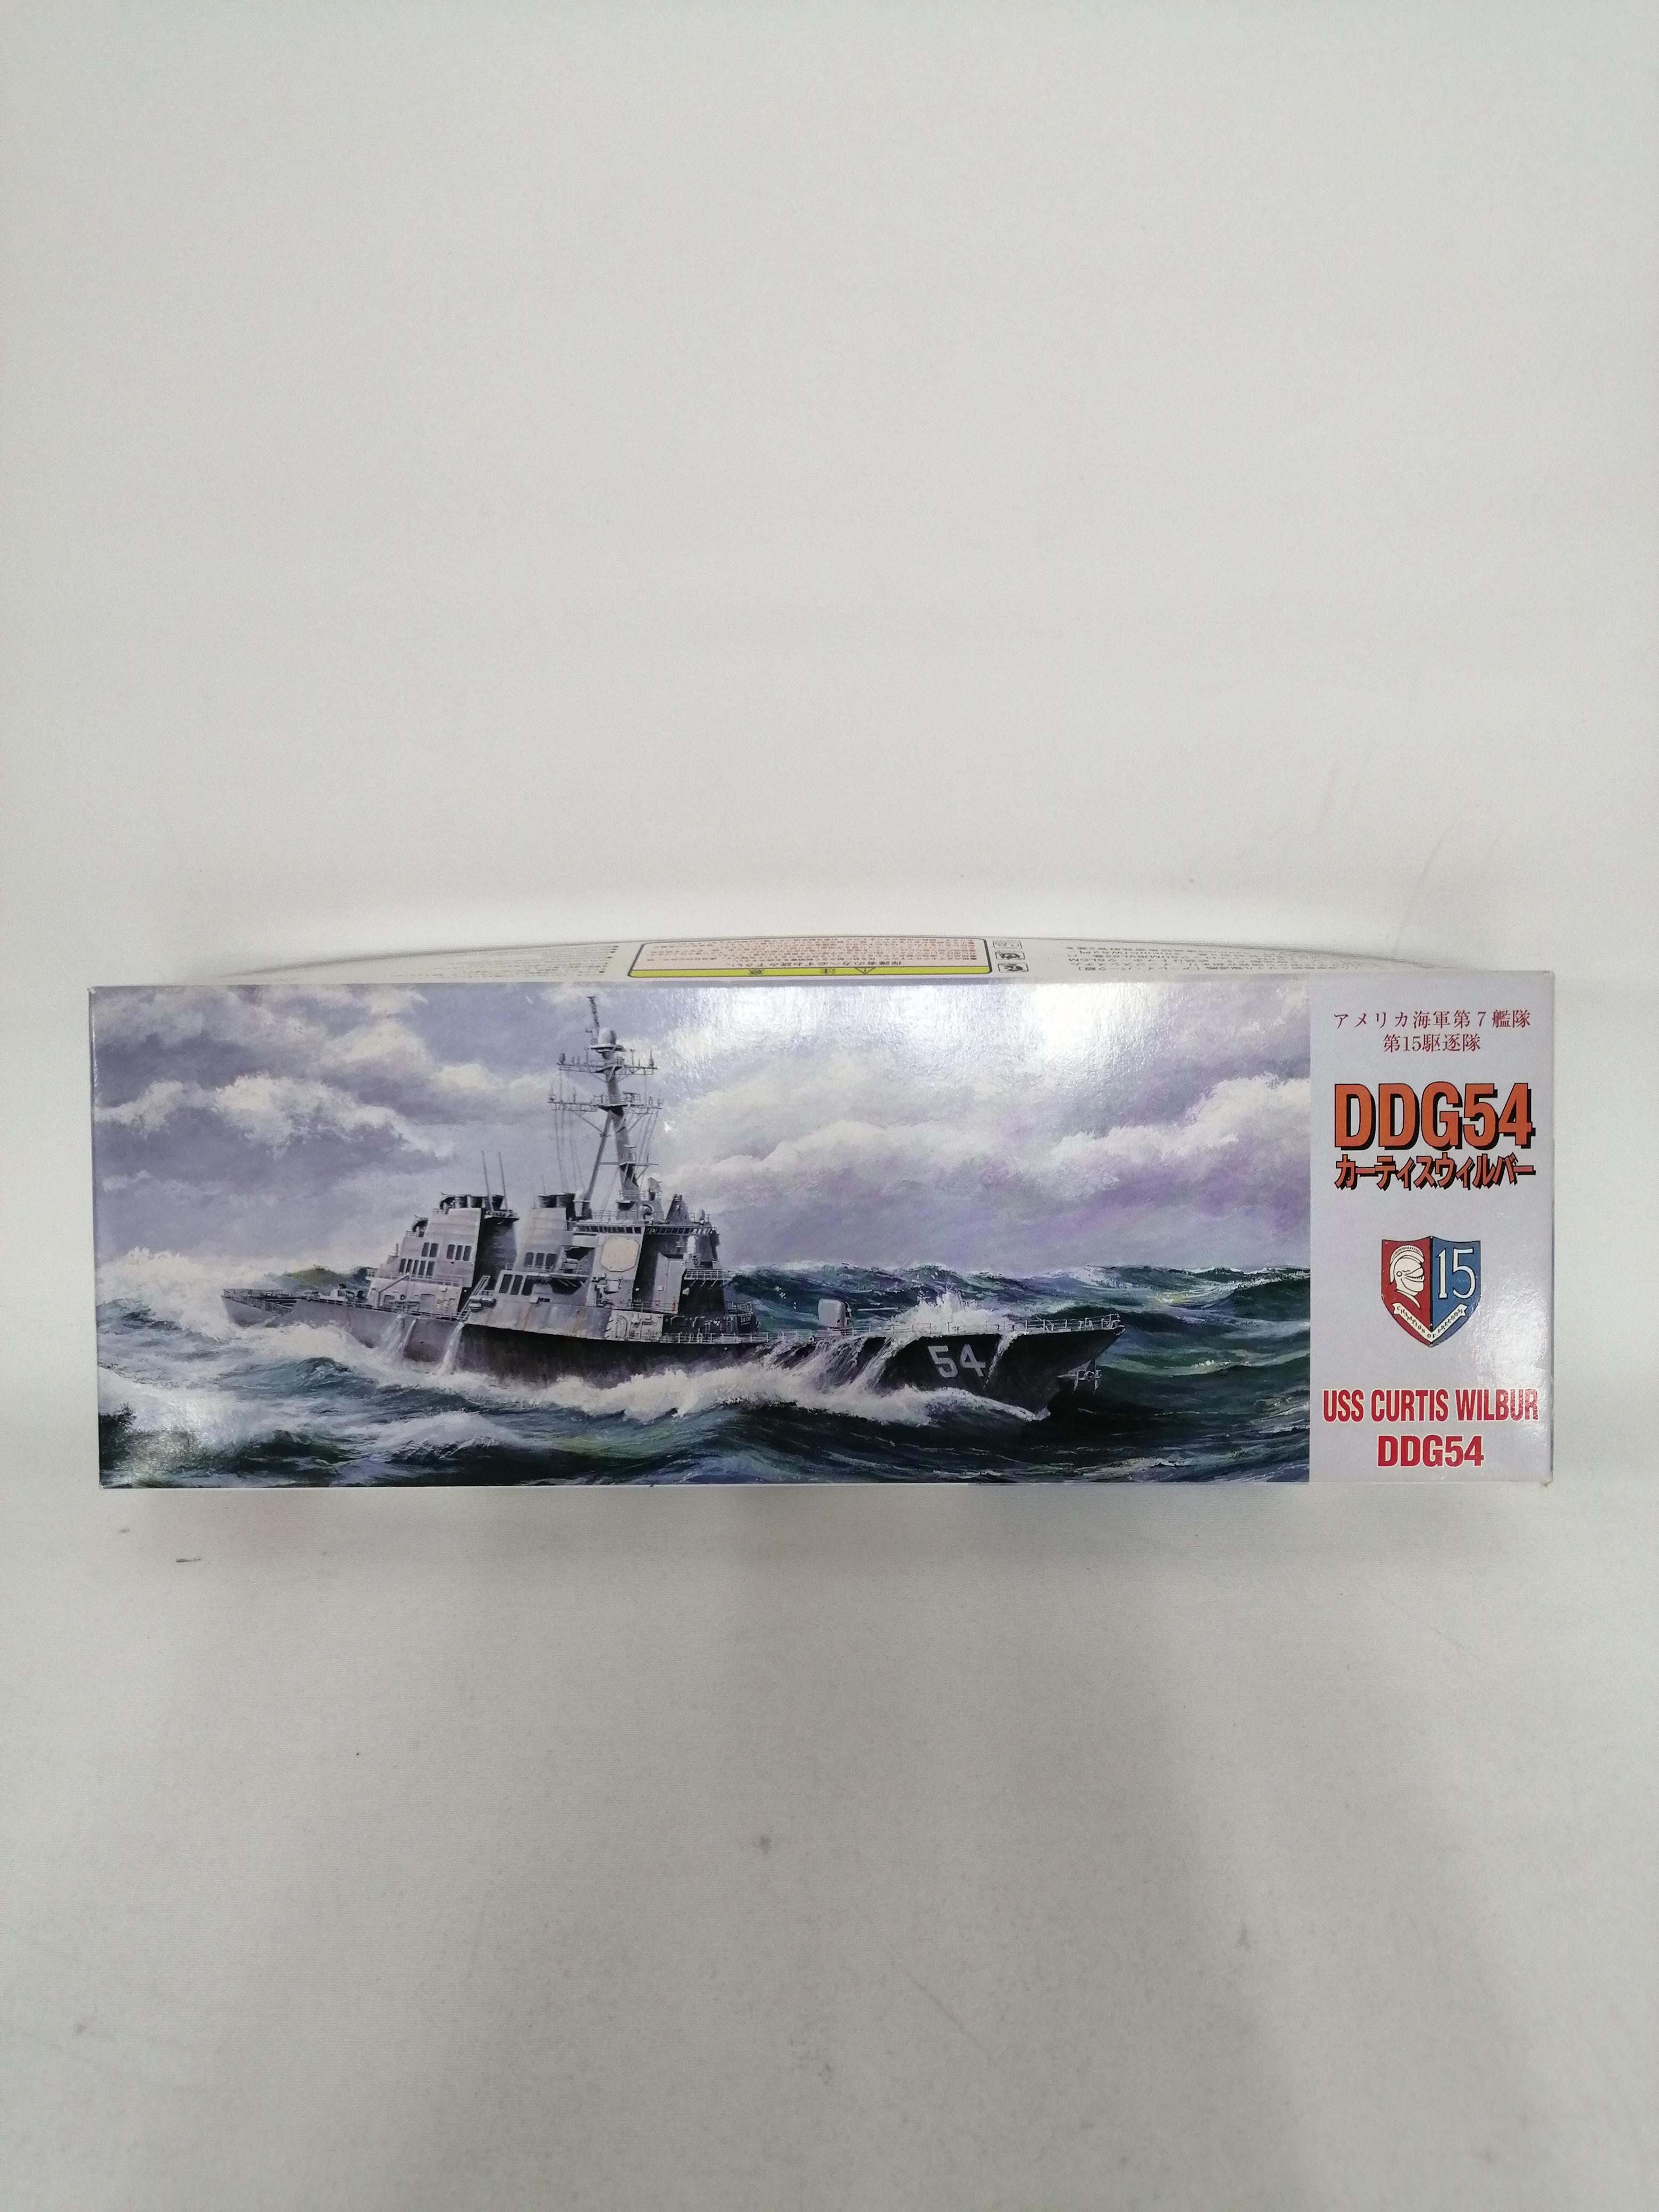 1/700 DDG54 カーティスウィルバー|フジミ模型